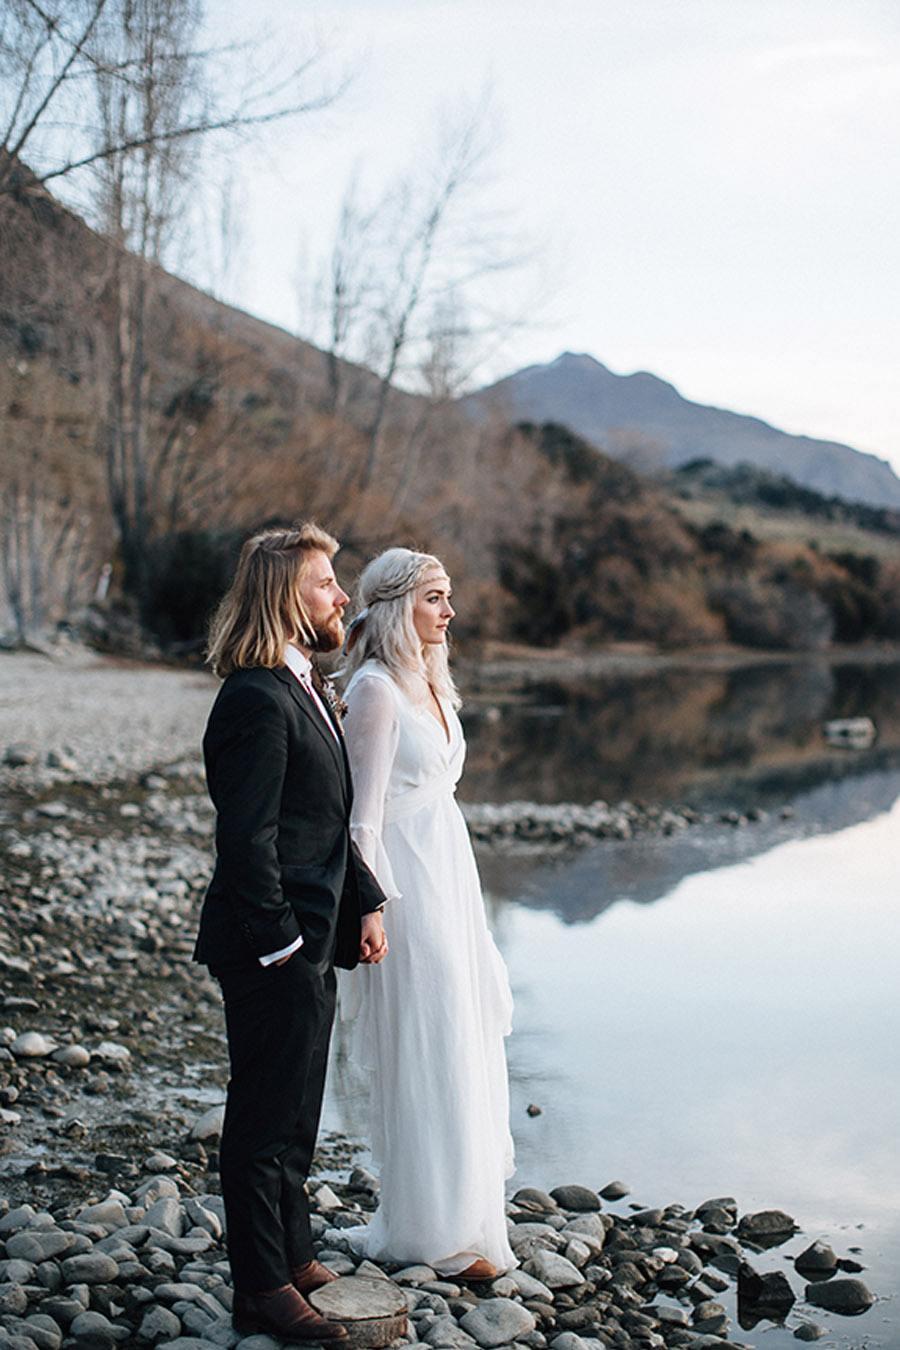 SESIÓN DE BODA EN ALTA MONTAÑA boda-de-invierno